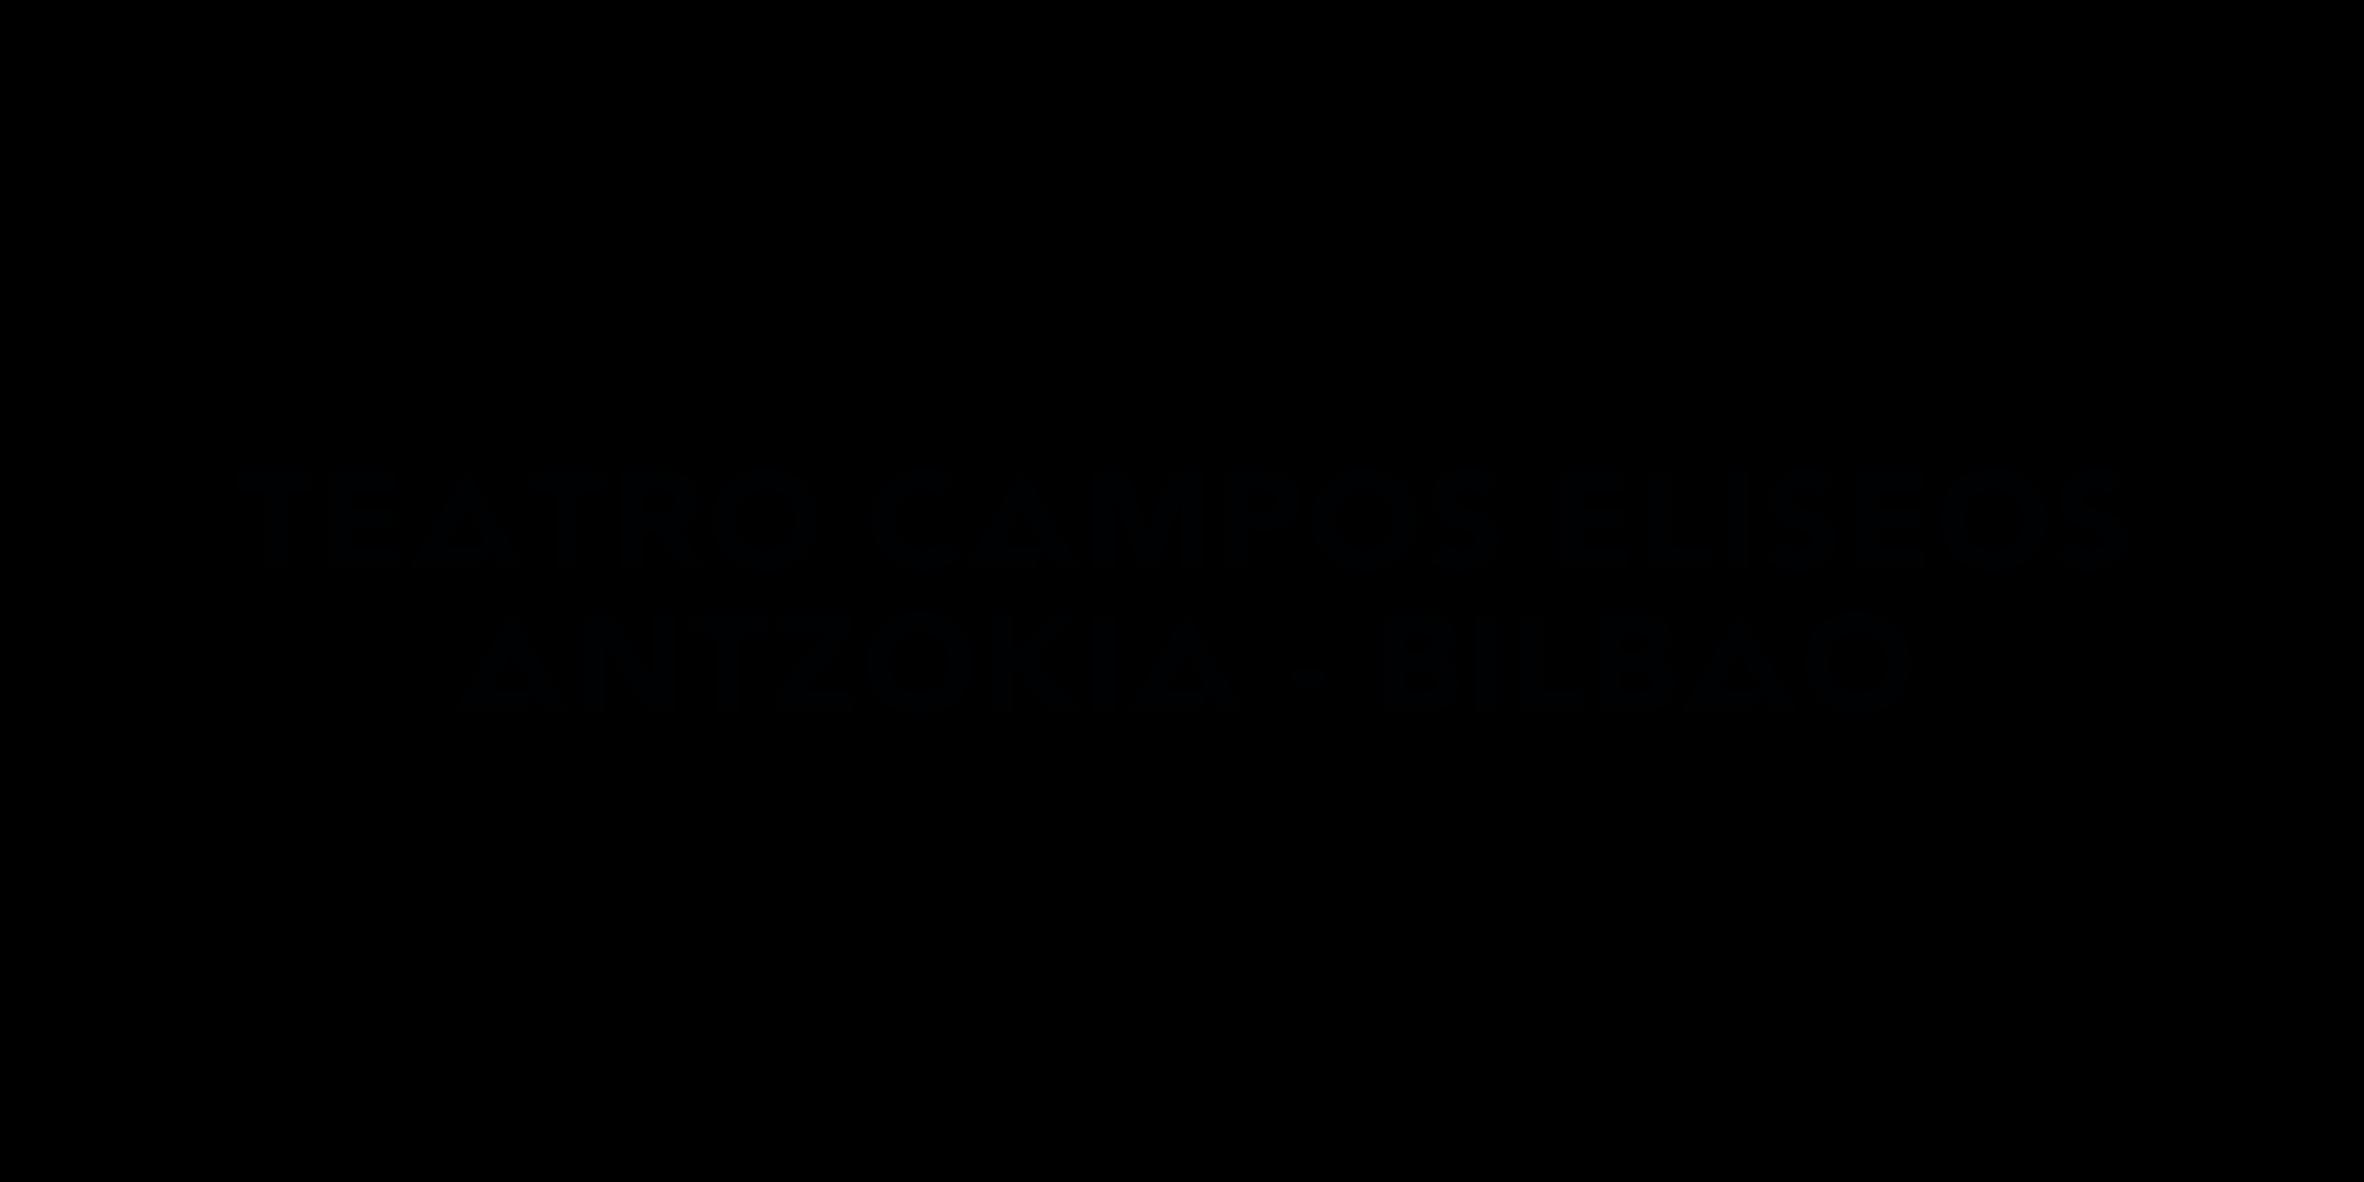 logo antzokia